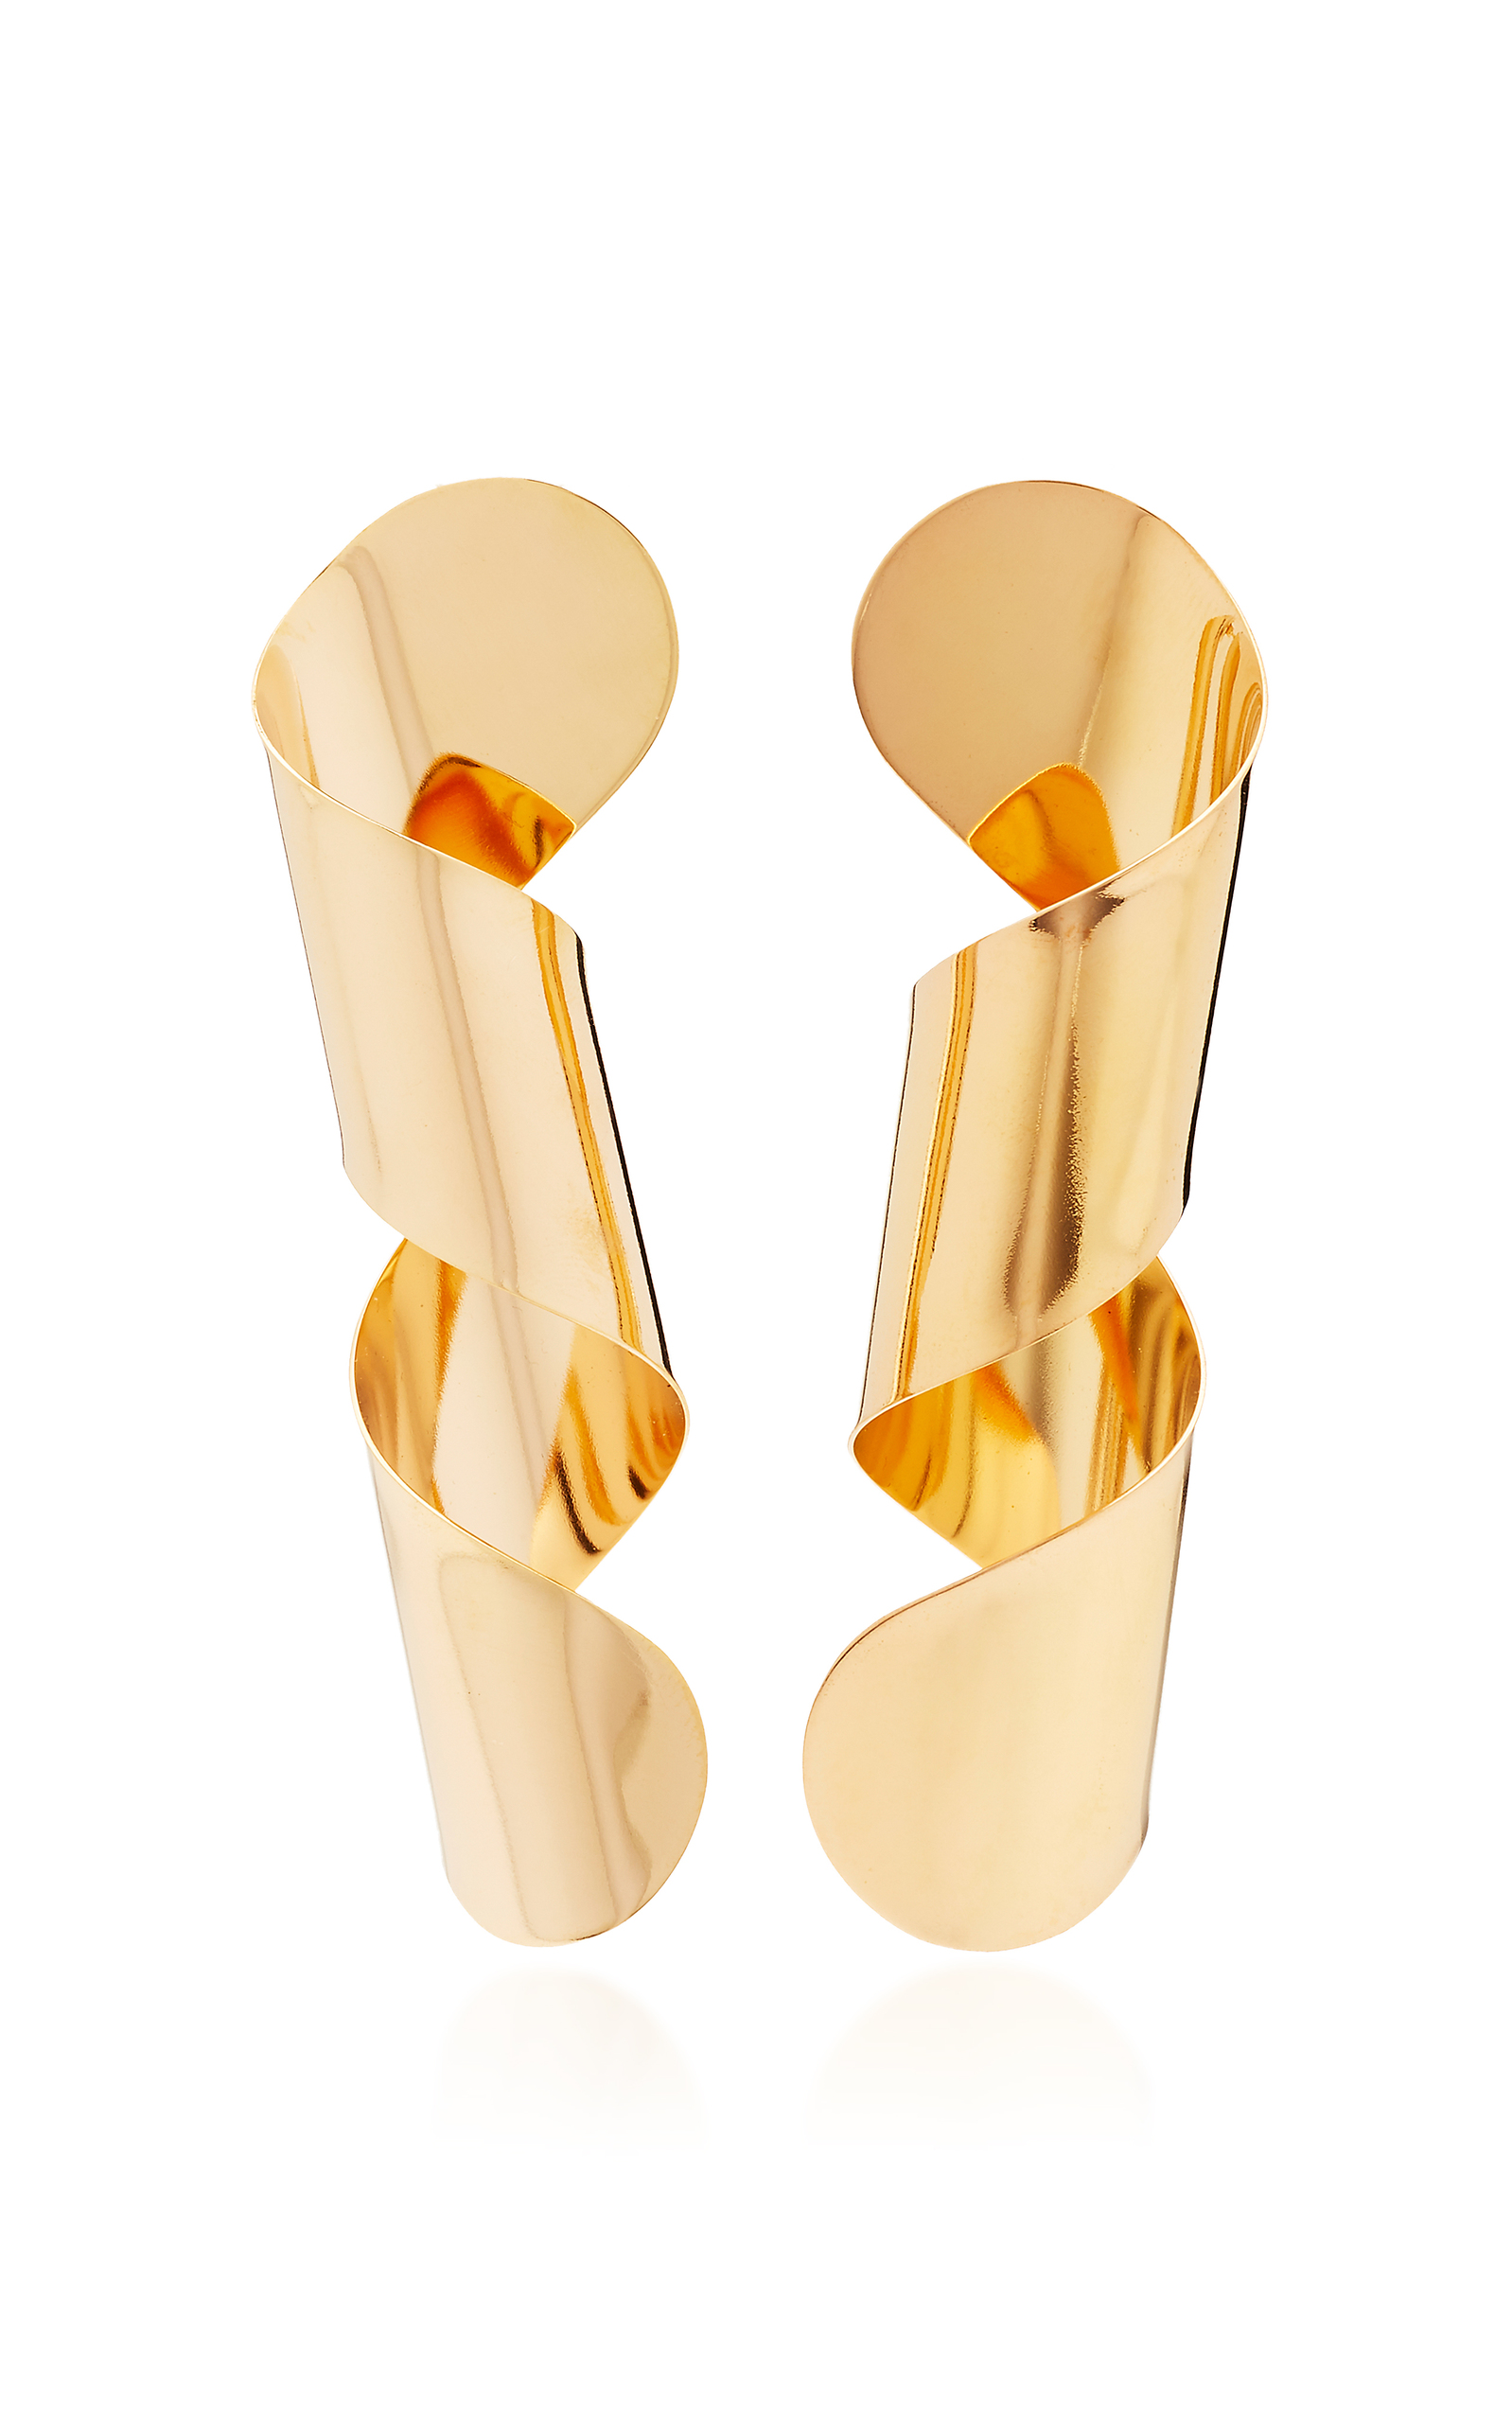 BIA DAIDONE LOOP 24K GOLD-PLATED EARRINGS